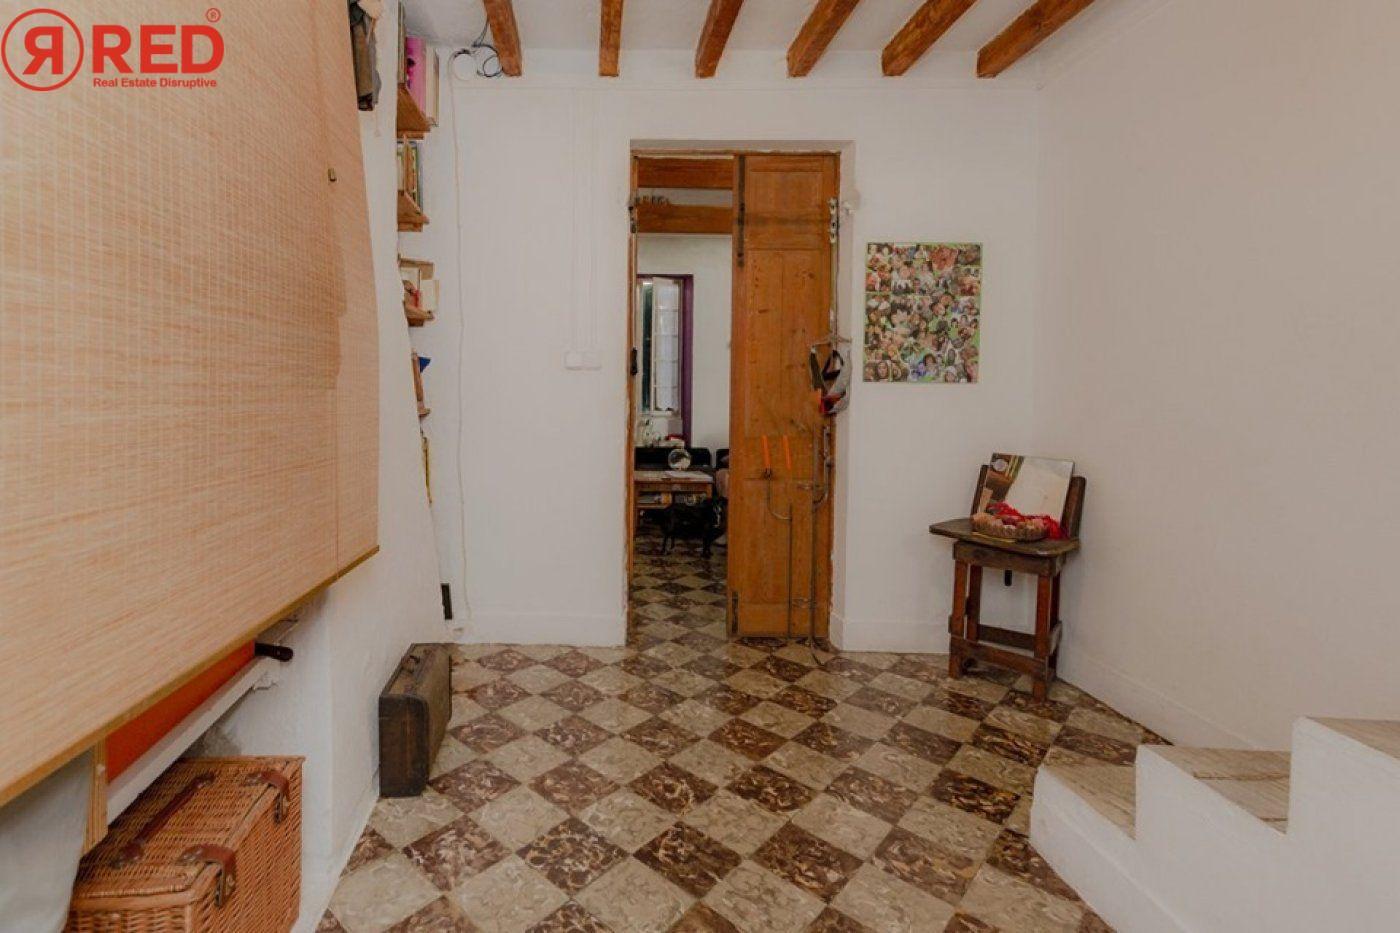 Vivienda en casco antiguo con terraza - imagenInmueble3